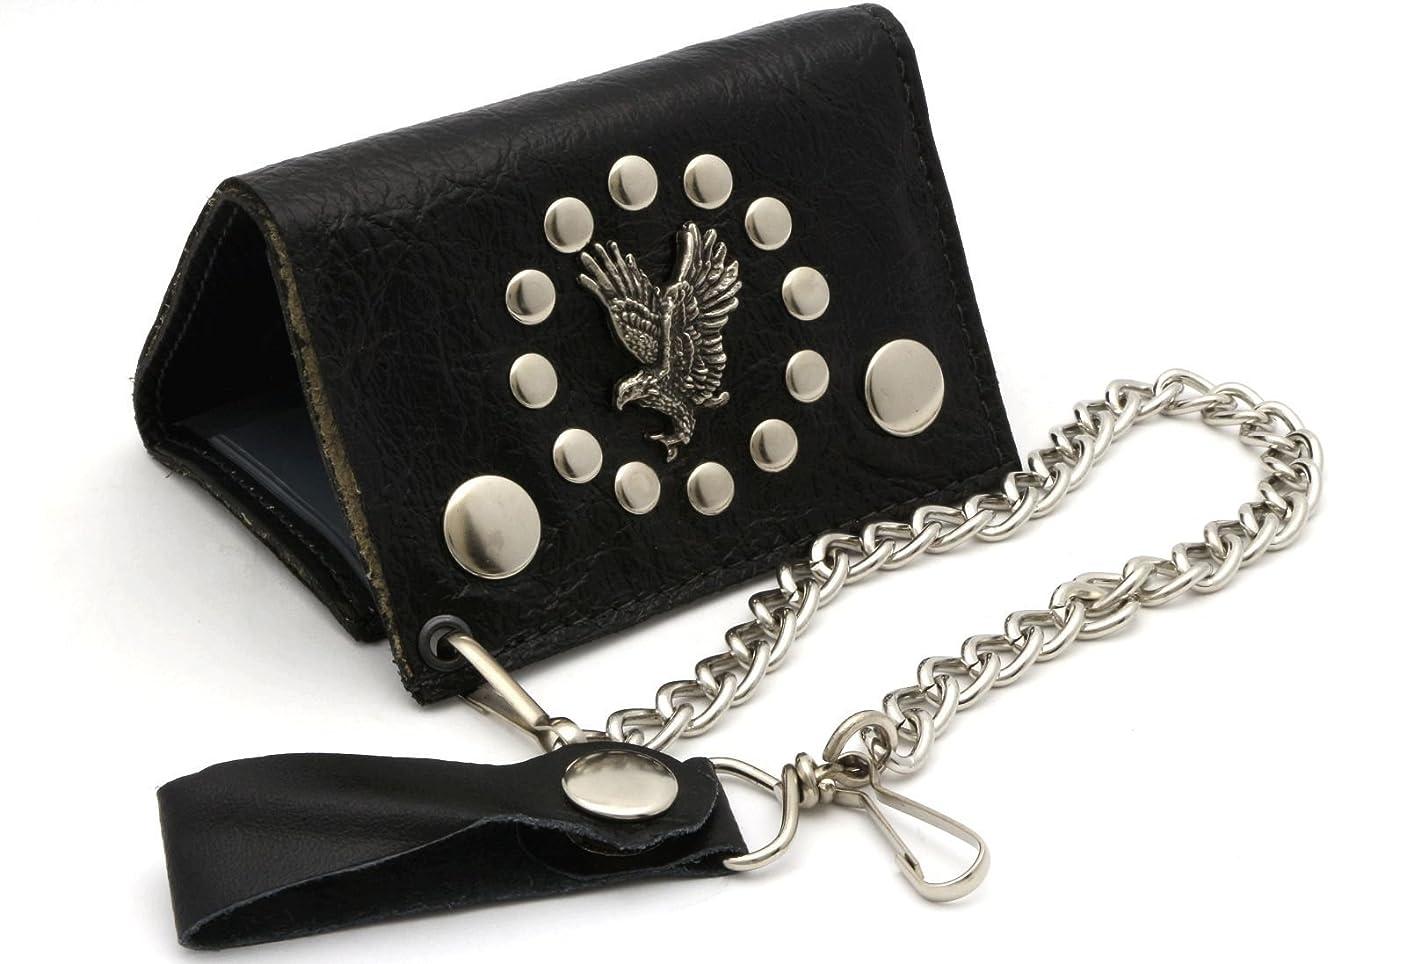 あそこ大いにズボン三つ折りブラック本革Biker Wallet with aメタルイーグルデザインwith aチェーン